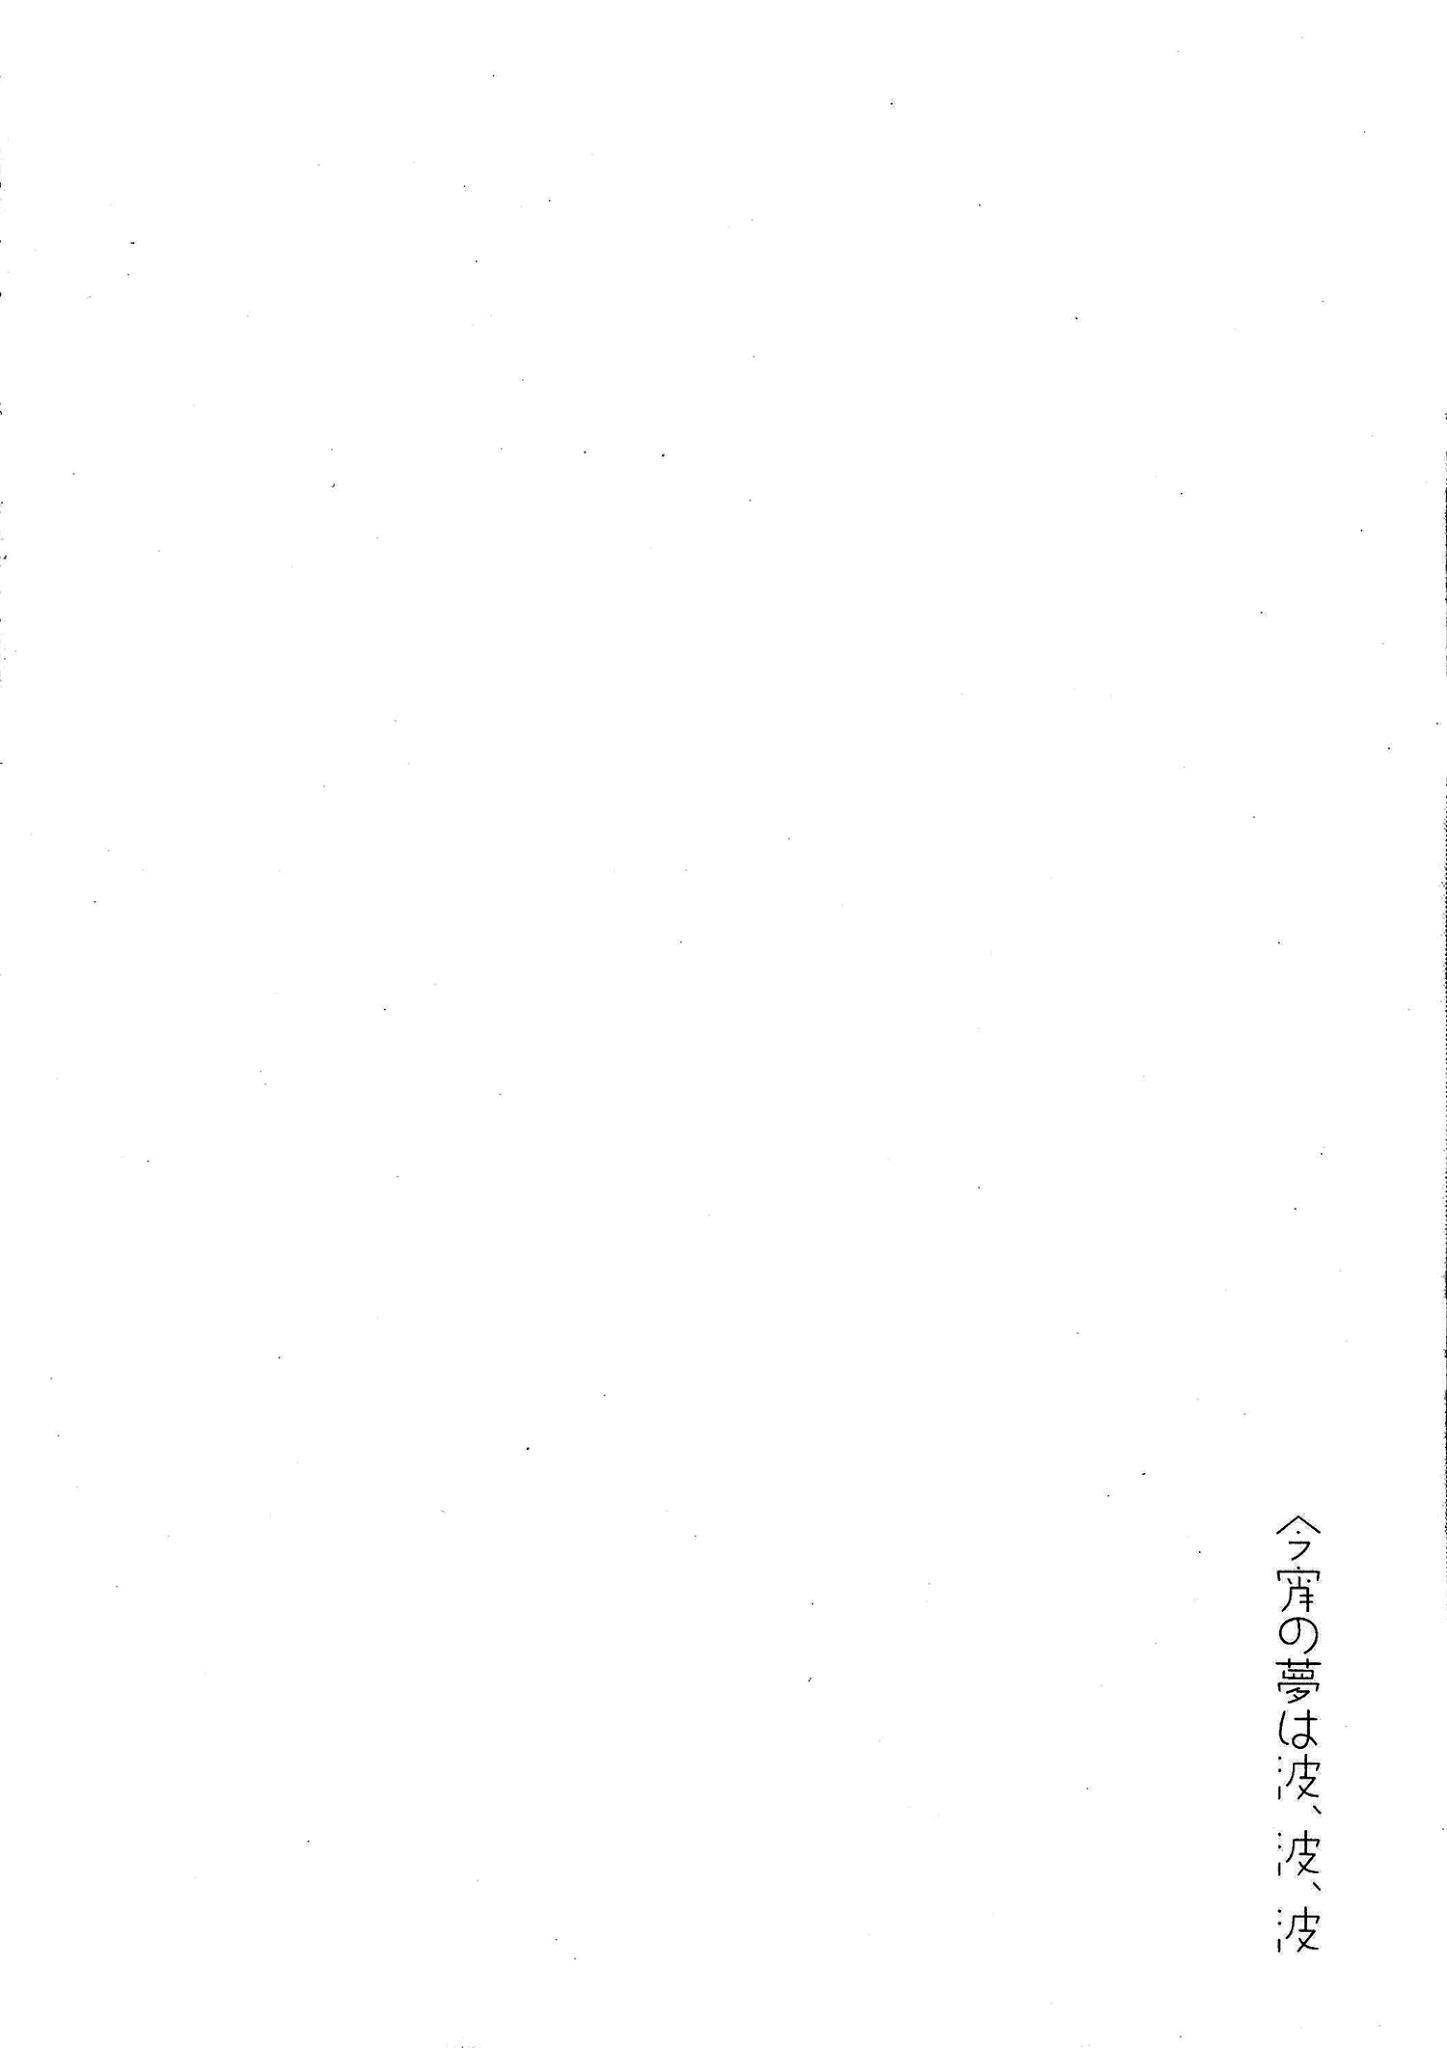 Hình ảnh H00019 in Koyoi no Yume wa Nami